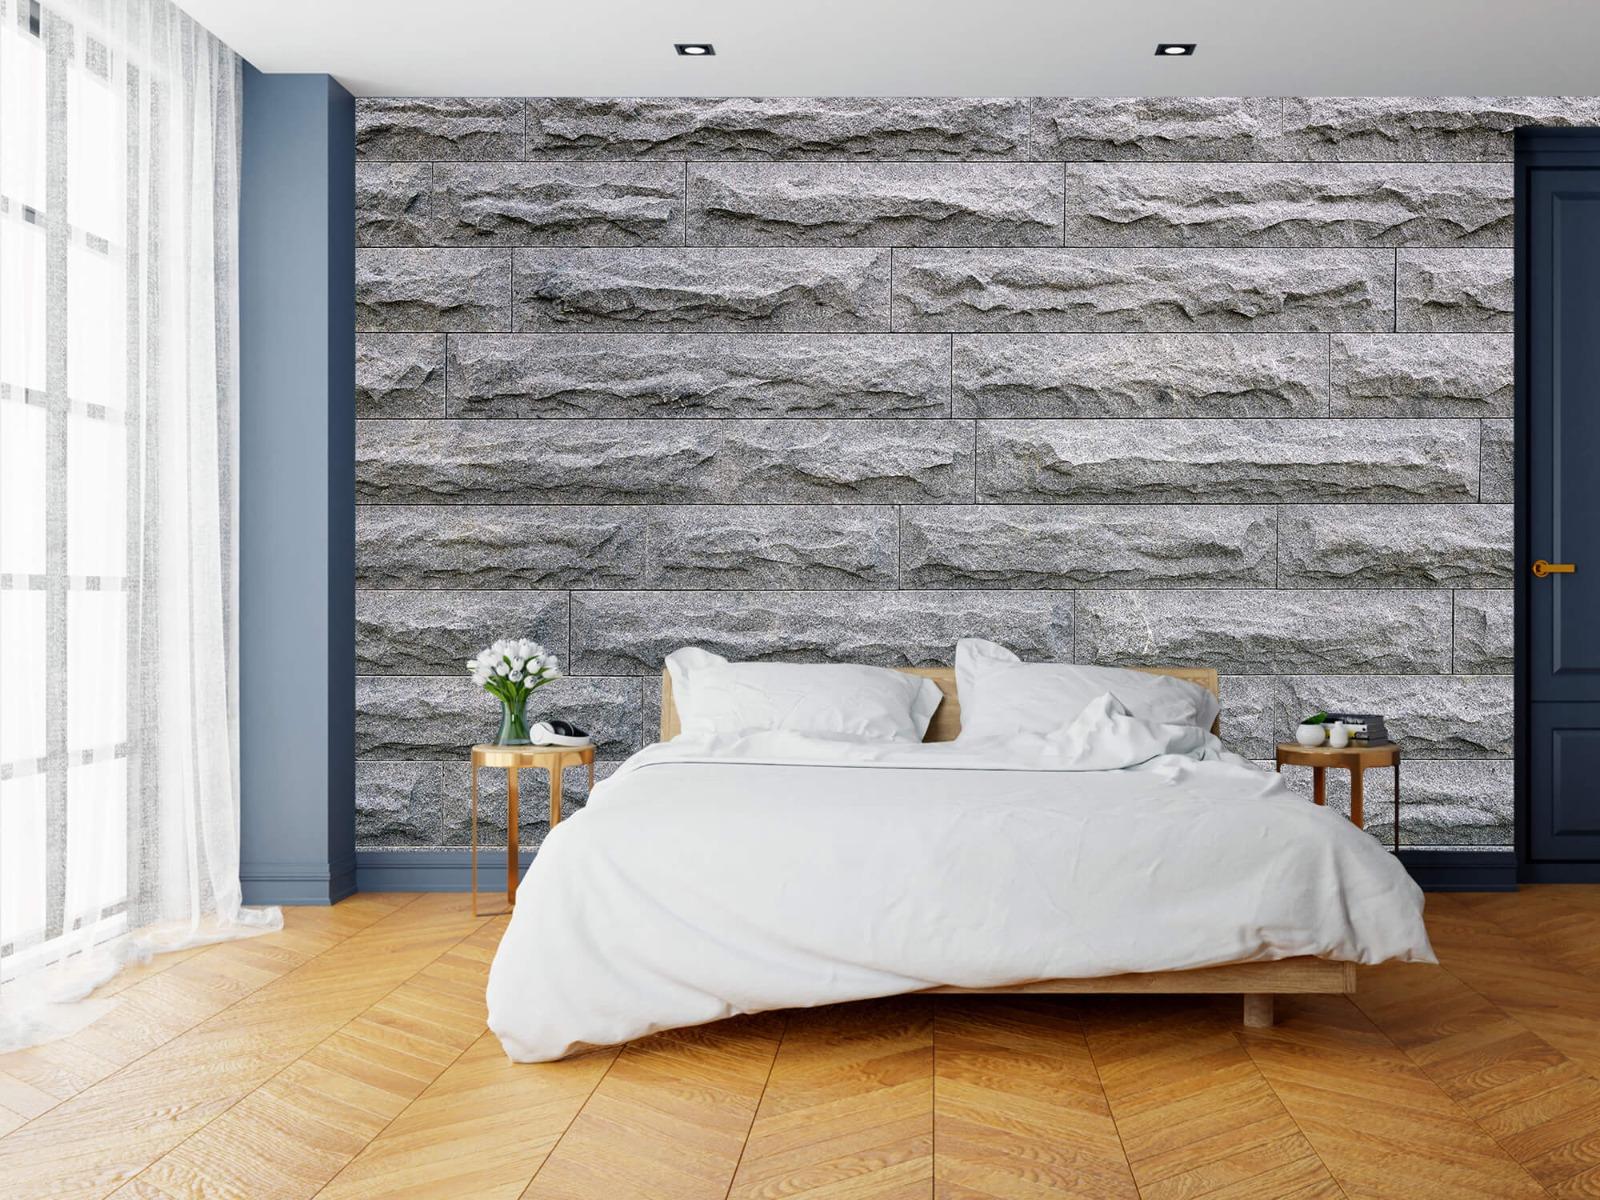 Steen behang - Grote grijze stenen - Slaapkamer 15